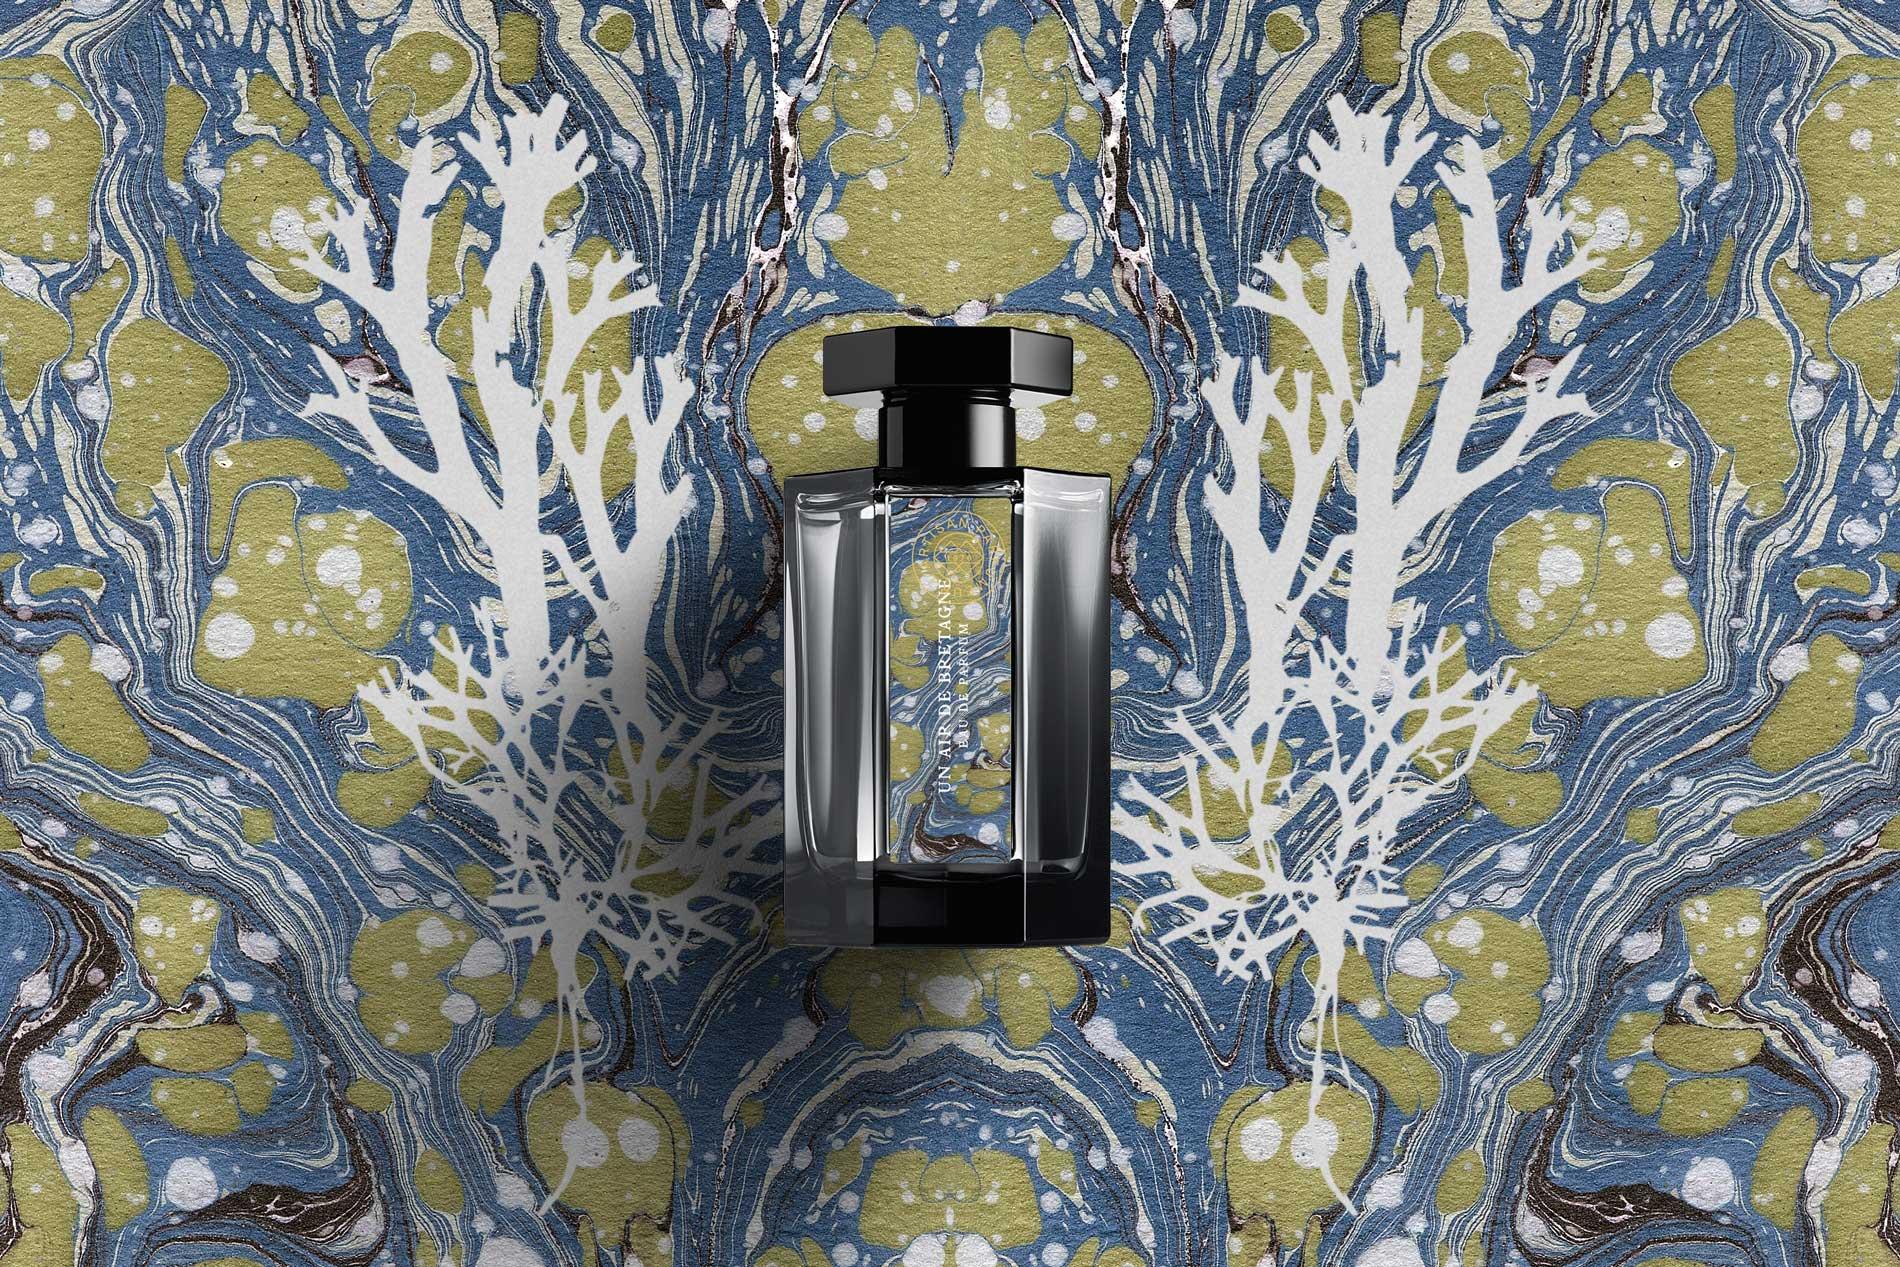 Les Paysages pefume label design